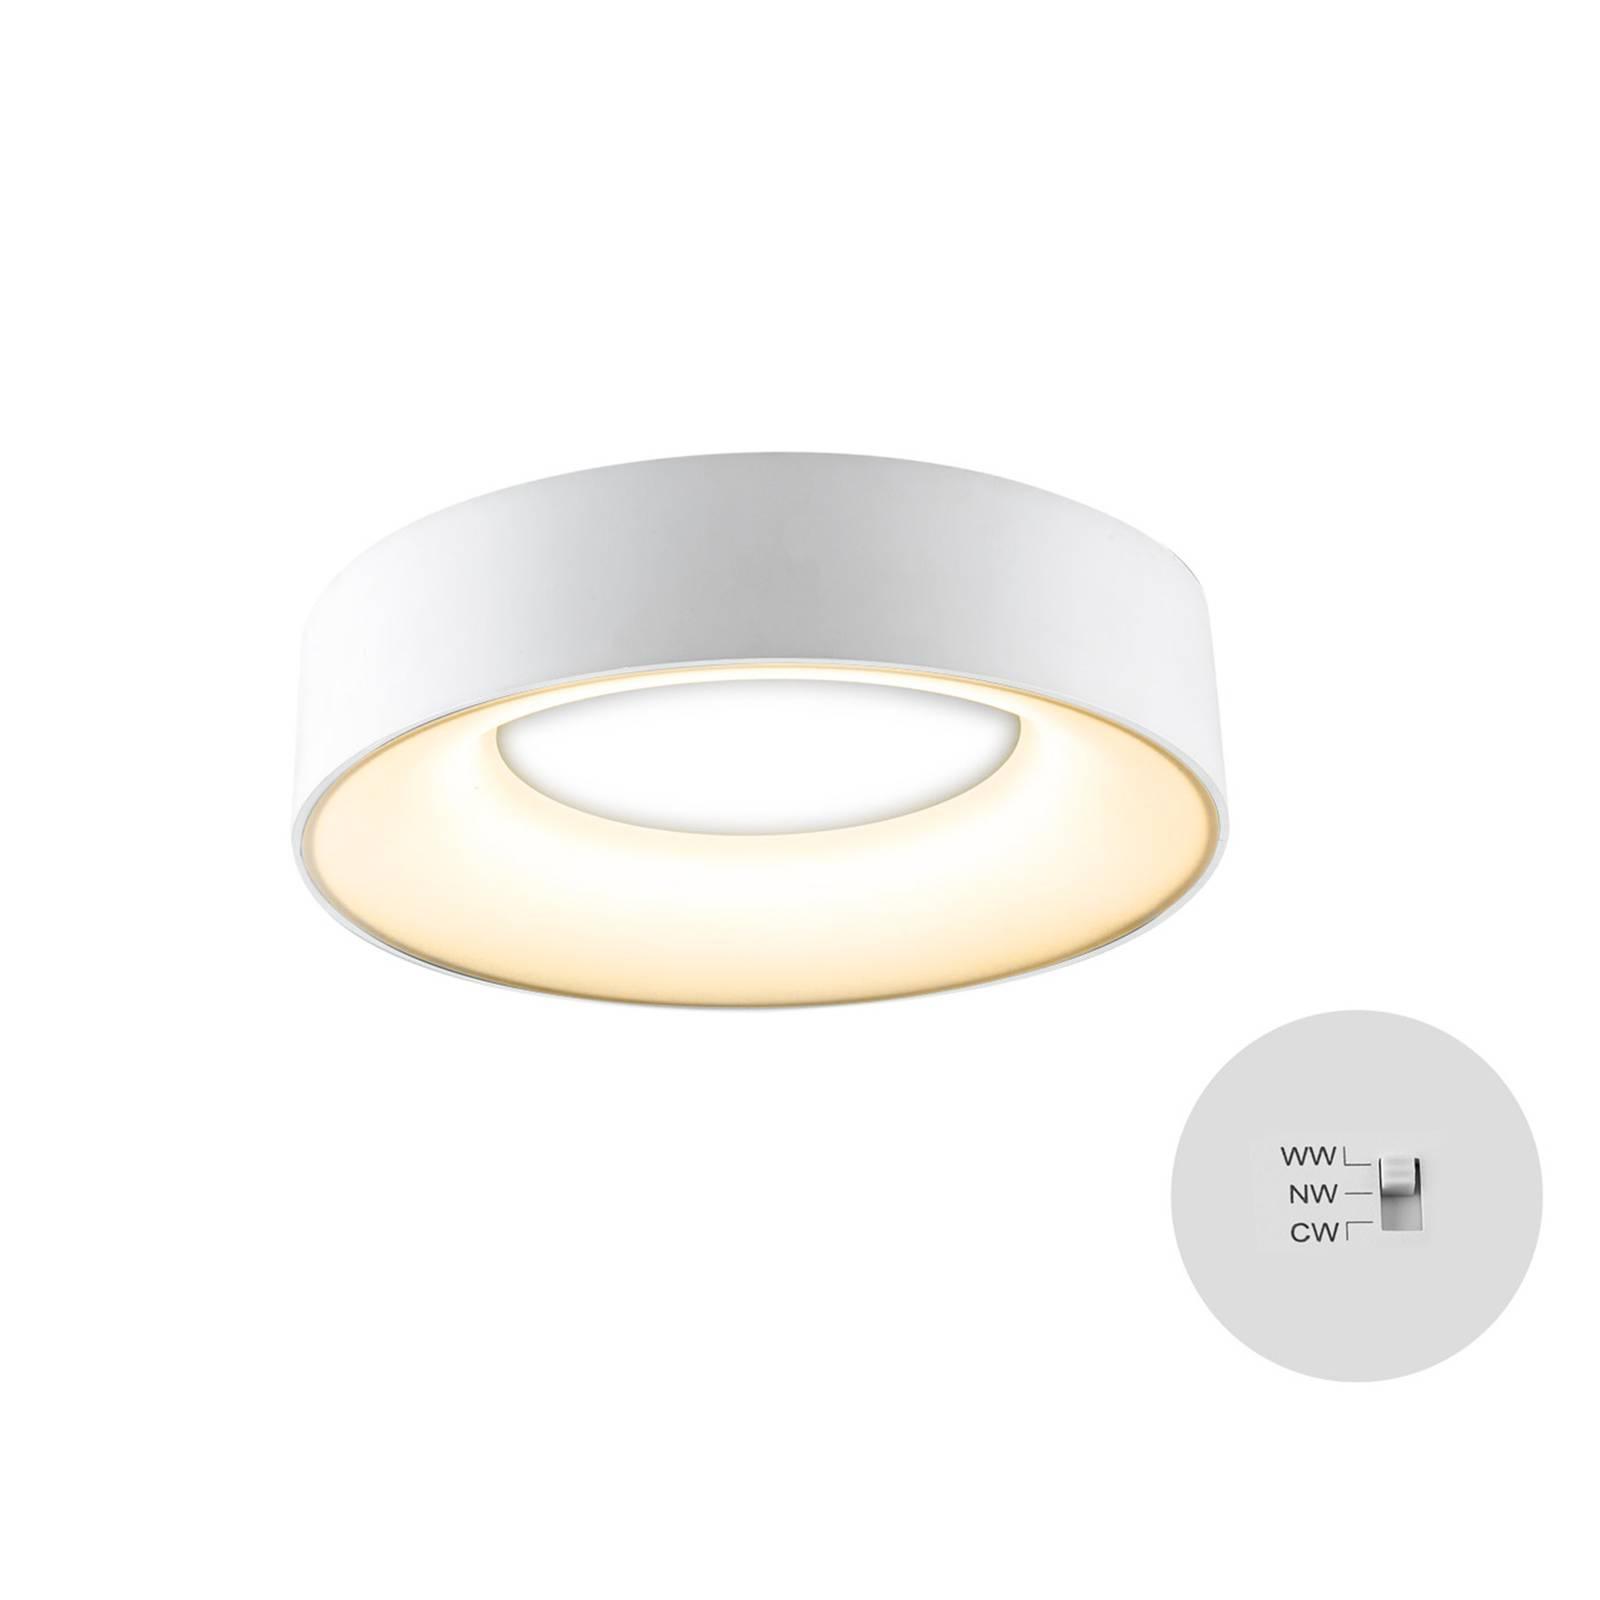 LED-kattovalaisin R30, Ø 30 cm, valkoinen